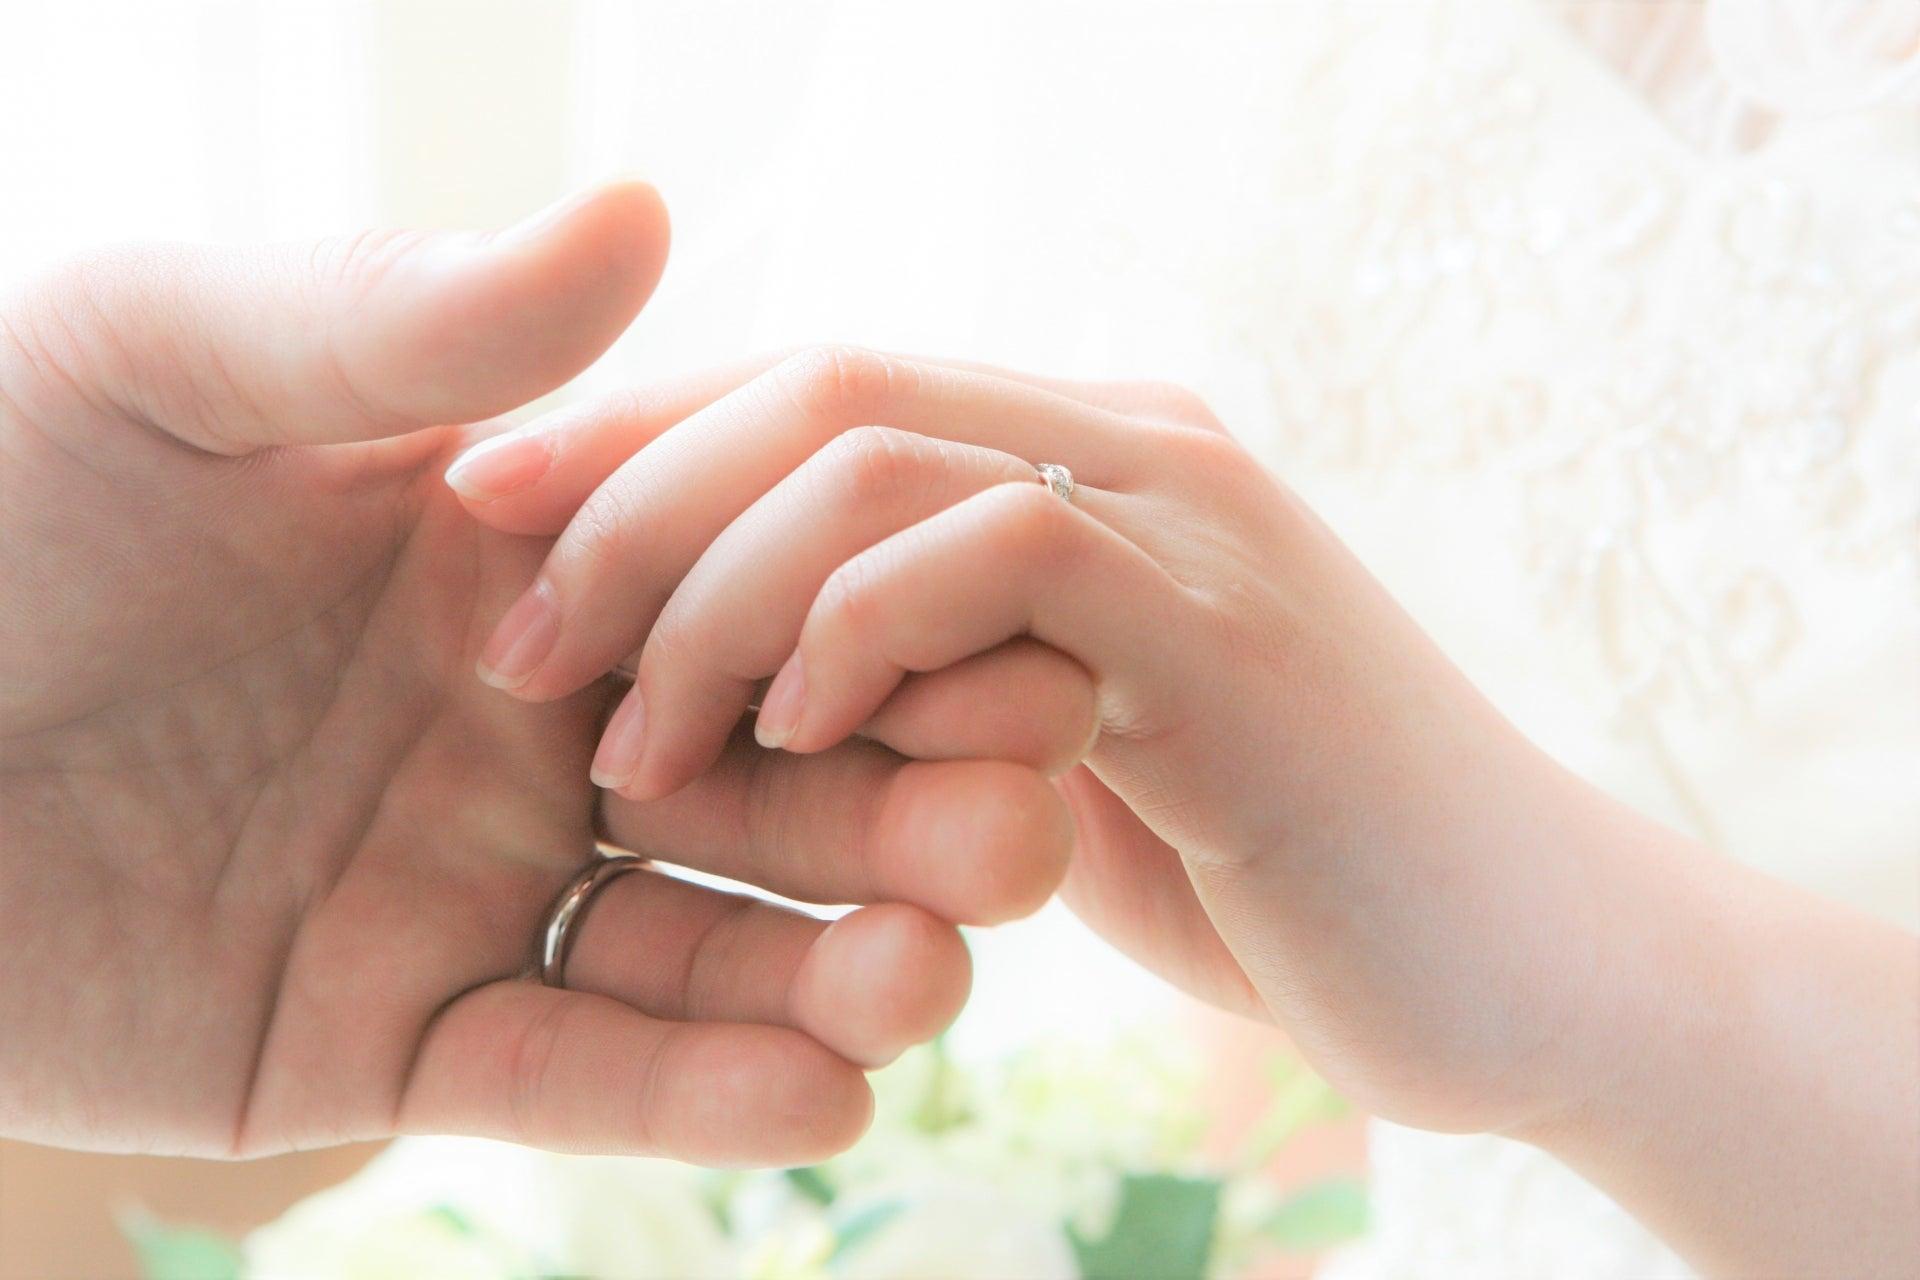 o1920128014372192657 - 夫婦関係を修復・・・結婚生活・ストレス、辛い・・・悩んでいるあなたへ